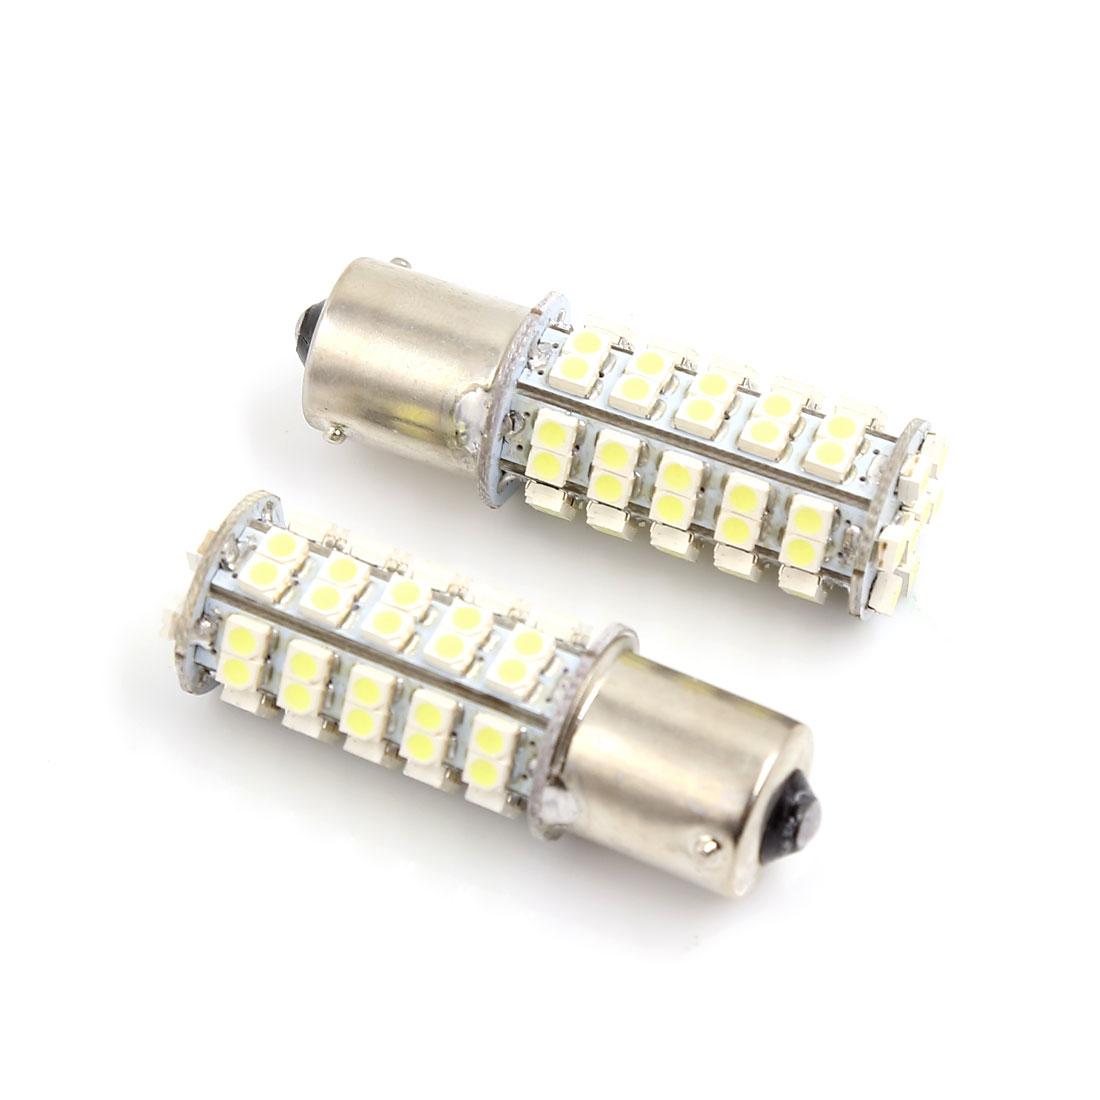 2 Pcs Car 1156 BA15S 1206 68-SMD LED Tail Brake Backup White Light Bulbs